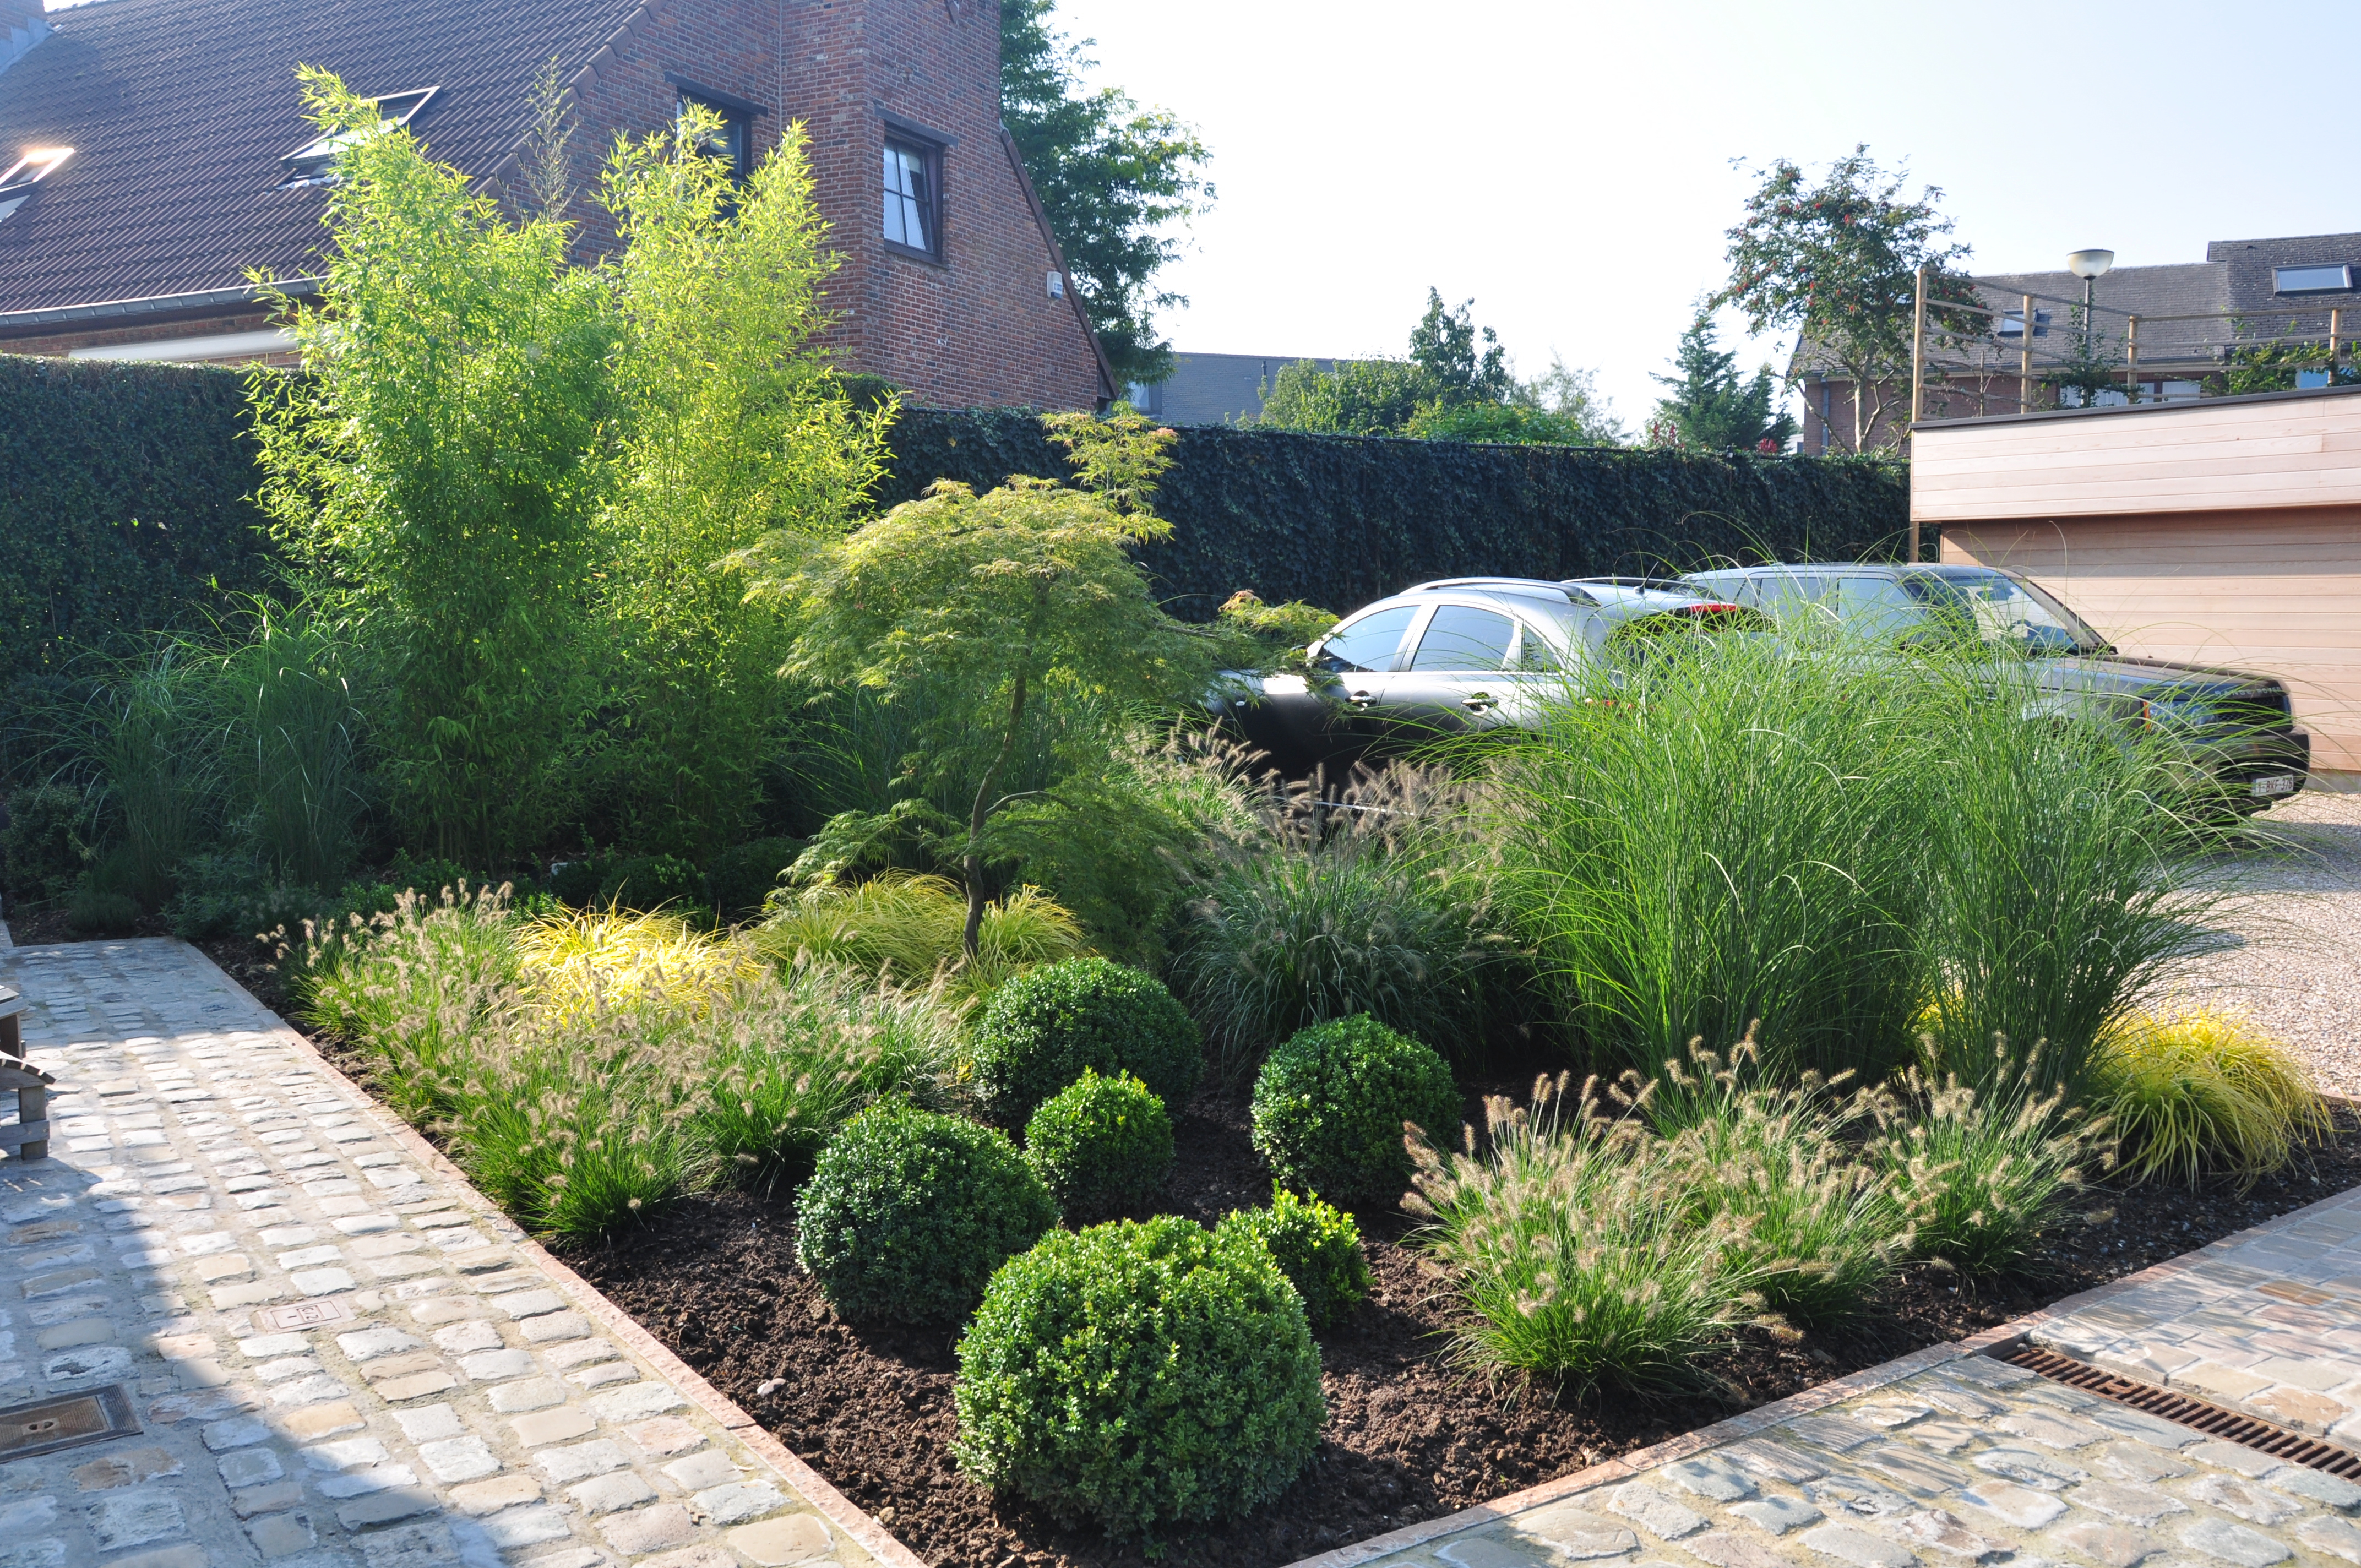 Création, Aménagement Et Entretien De Jardins - Jardilfore à Parterre Devant Maison